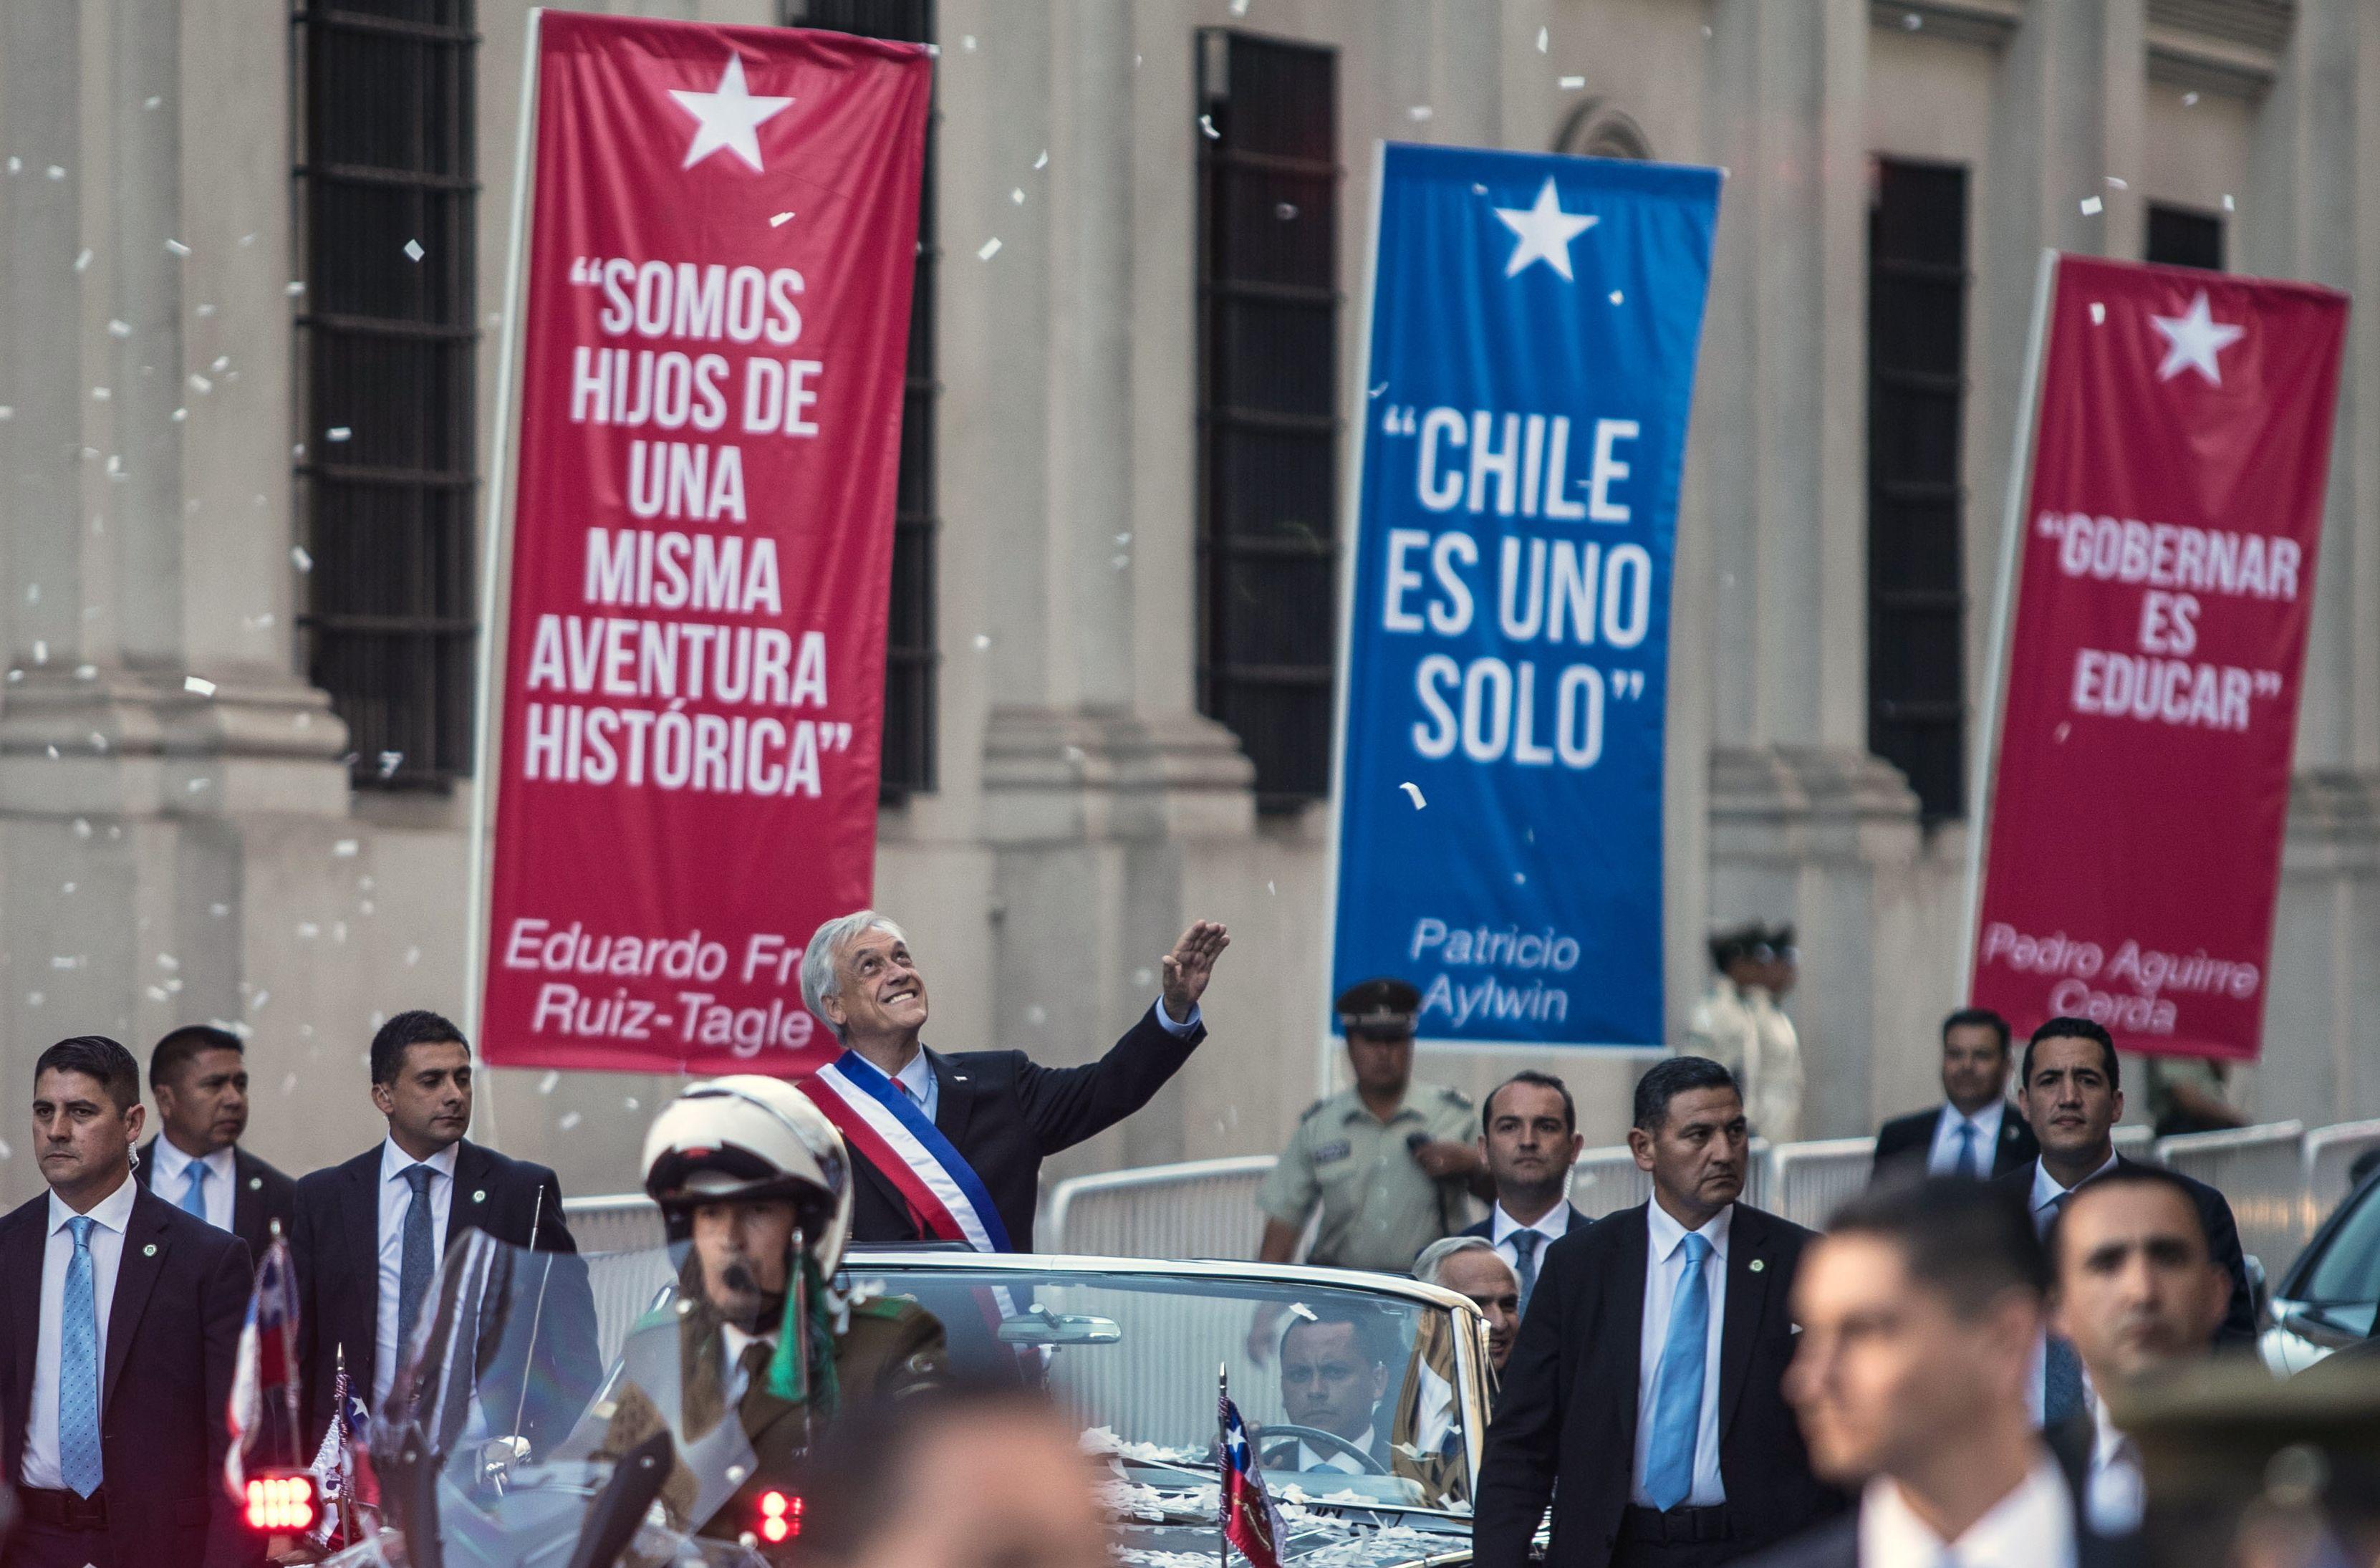 الرئيس التشيلي الجديد يسير في الشارع